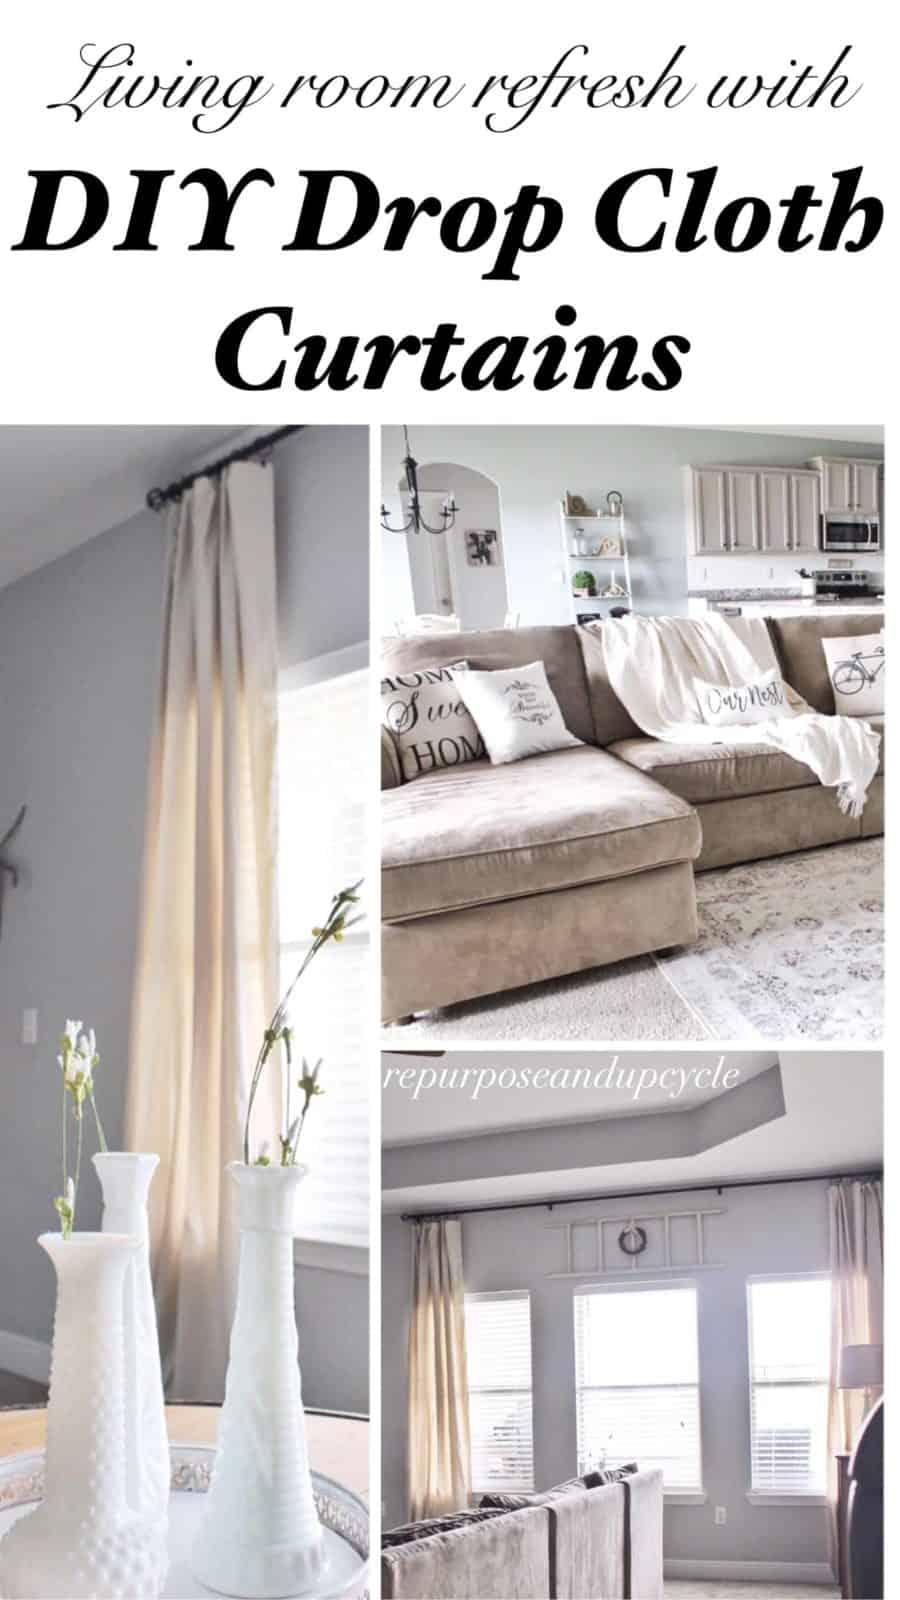 Modern Farmhouse Living Room Refresh with DIY drop cloth ... on Farmhouse Curtain Ideas For Living Room  id=34017